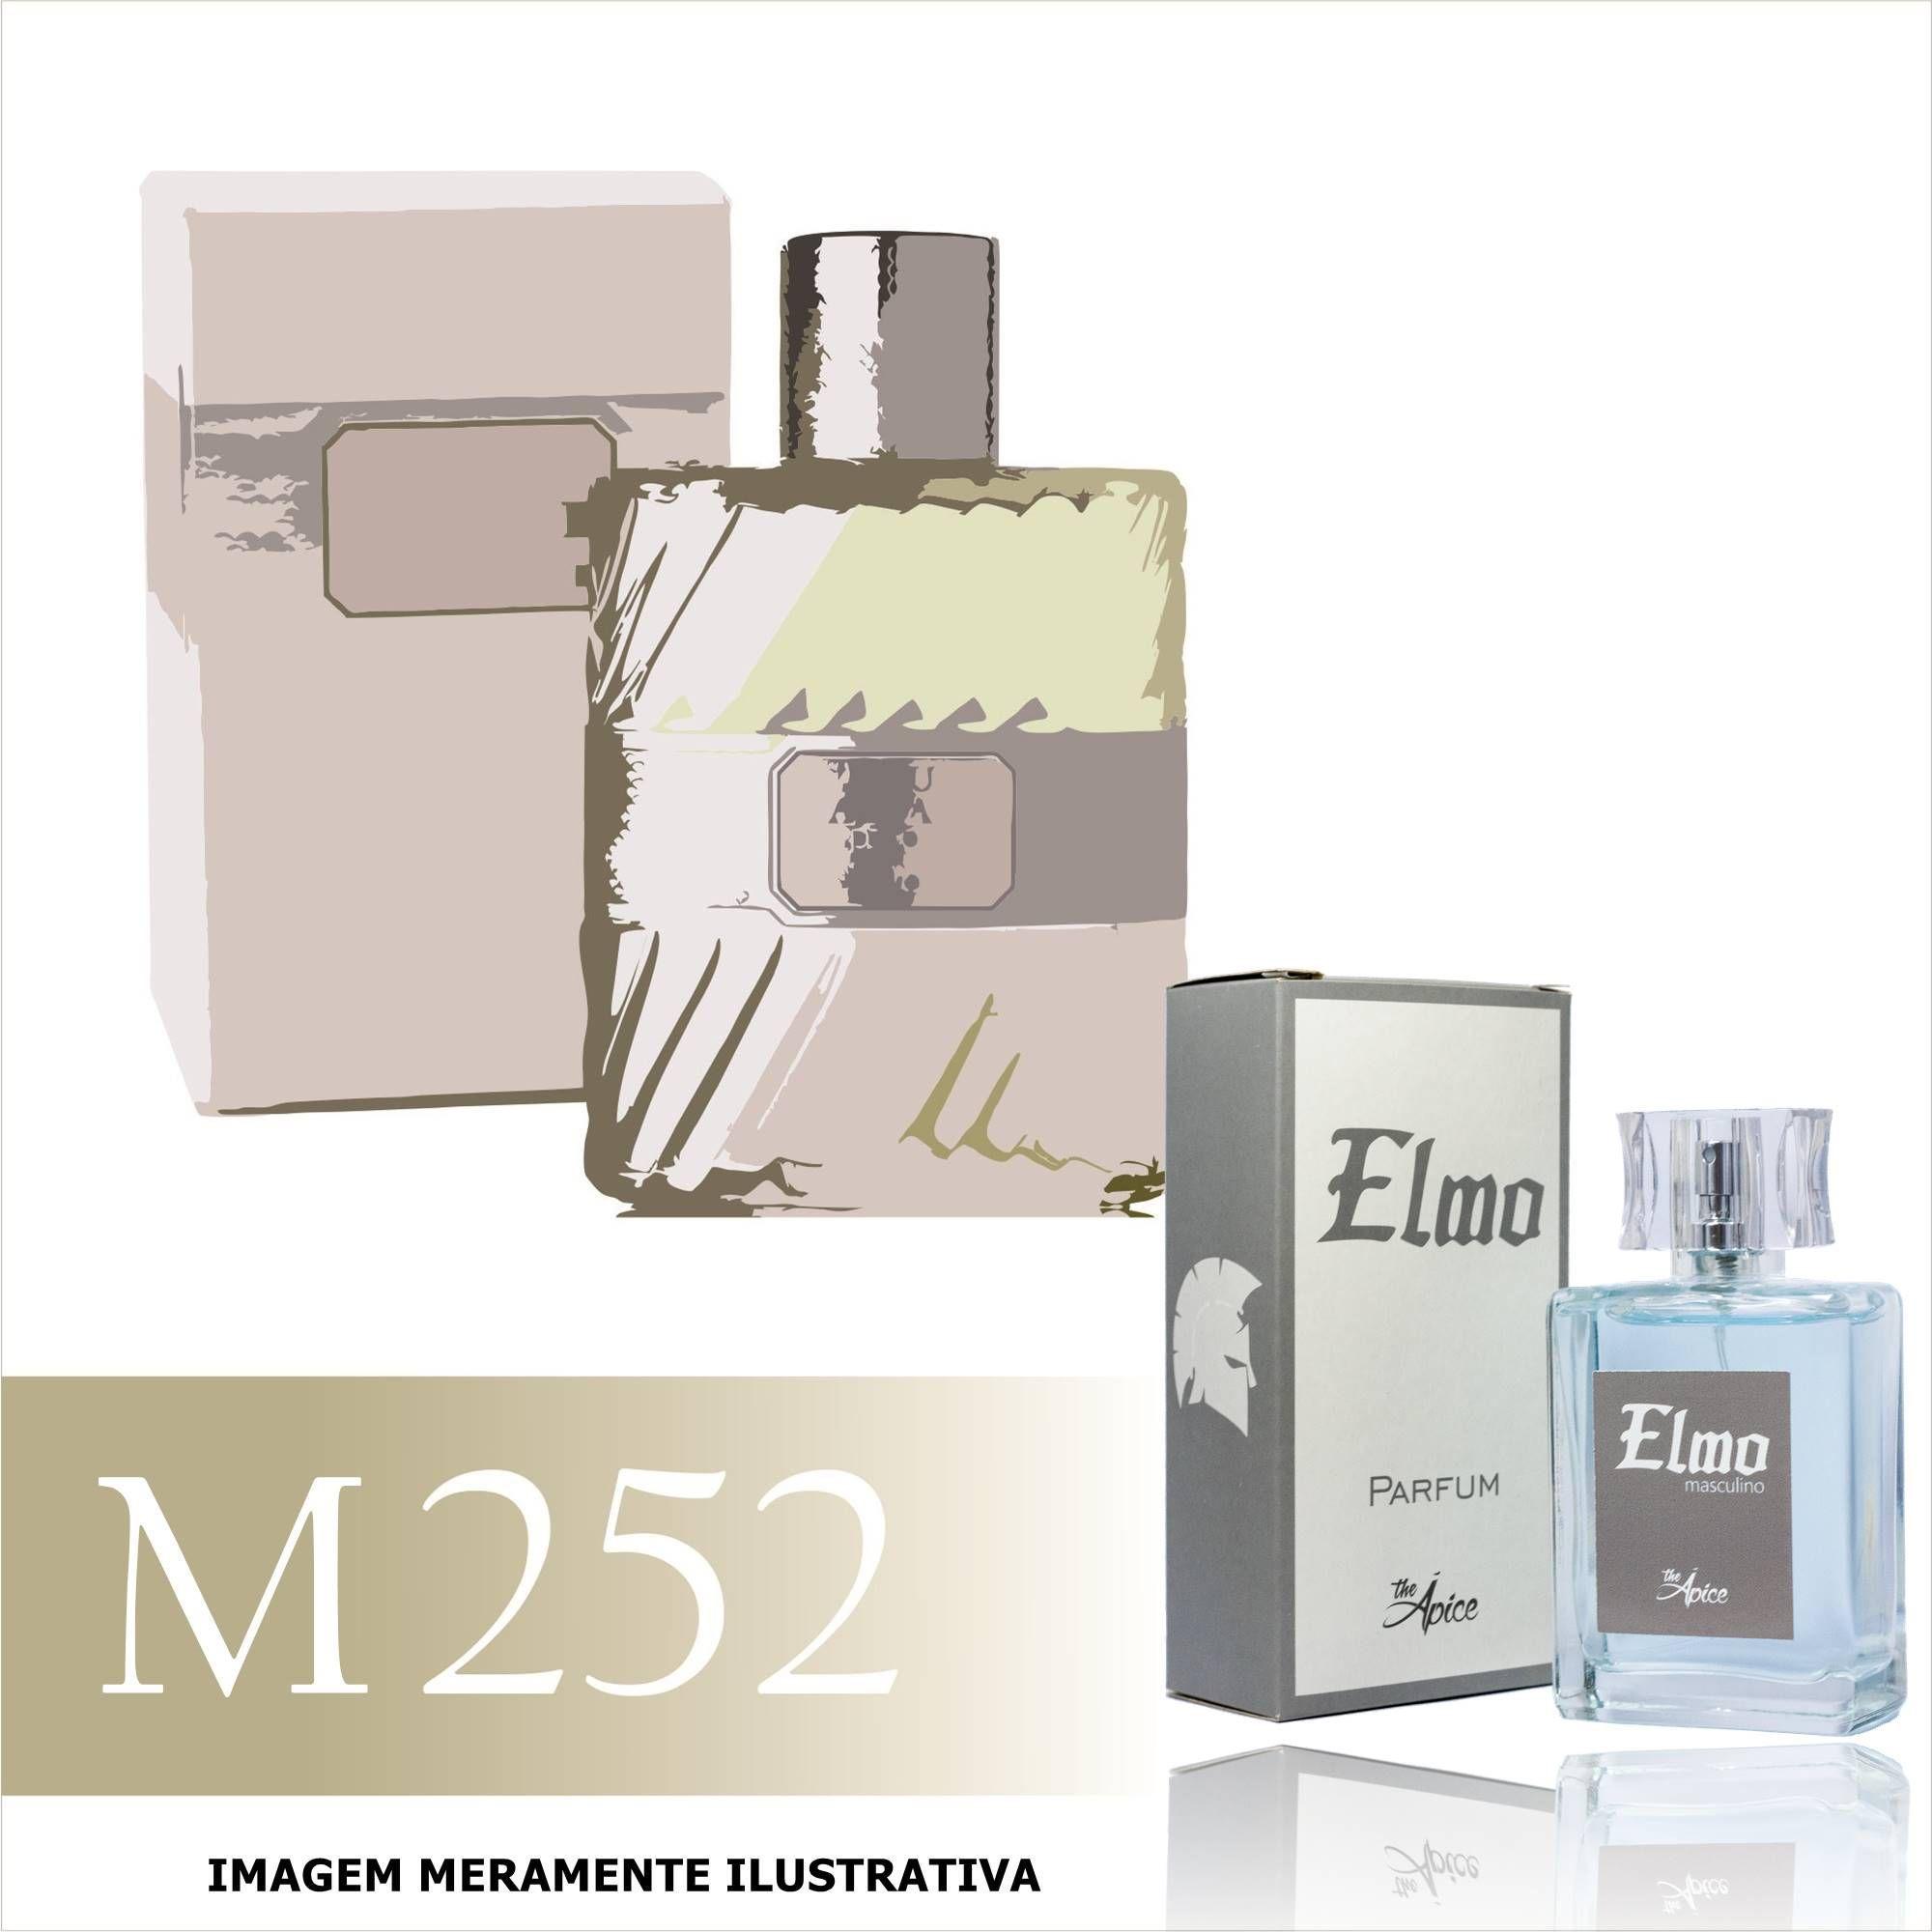 Perfume M252 Inspirado no Eau Sauvage da Christian Dior Masculino